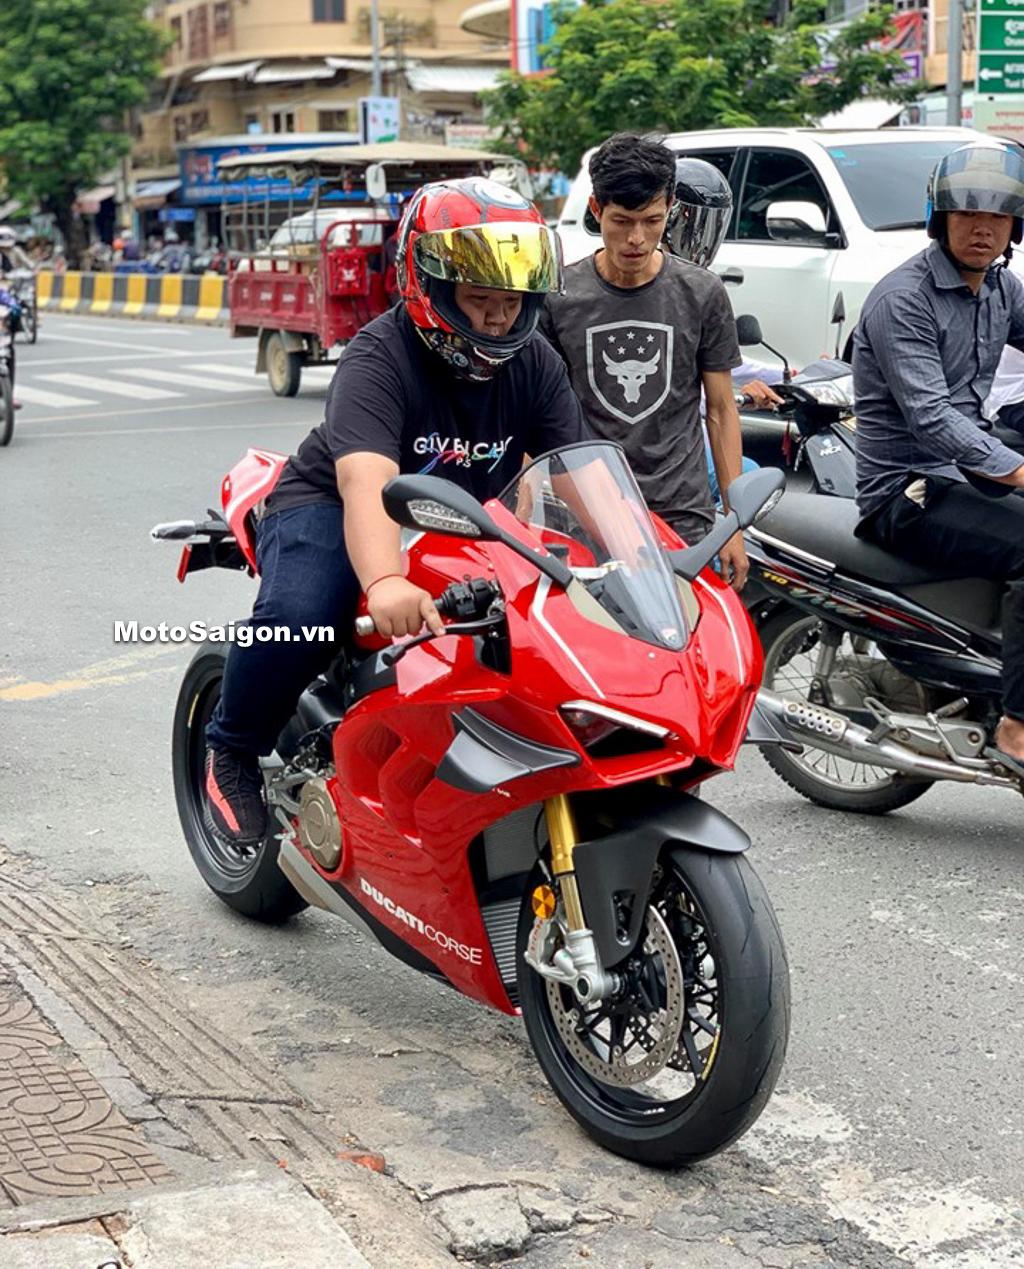 Đập thùng Ducati Panigale V4 R tại xứ sở chùa tháp giá siêu rẻ